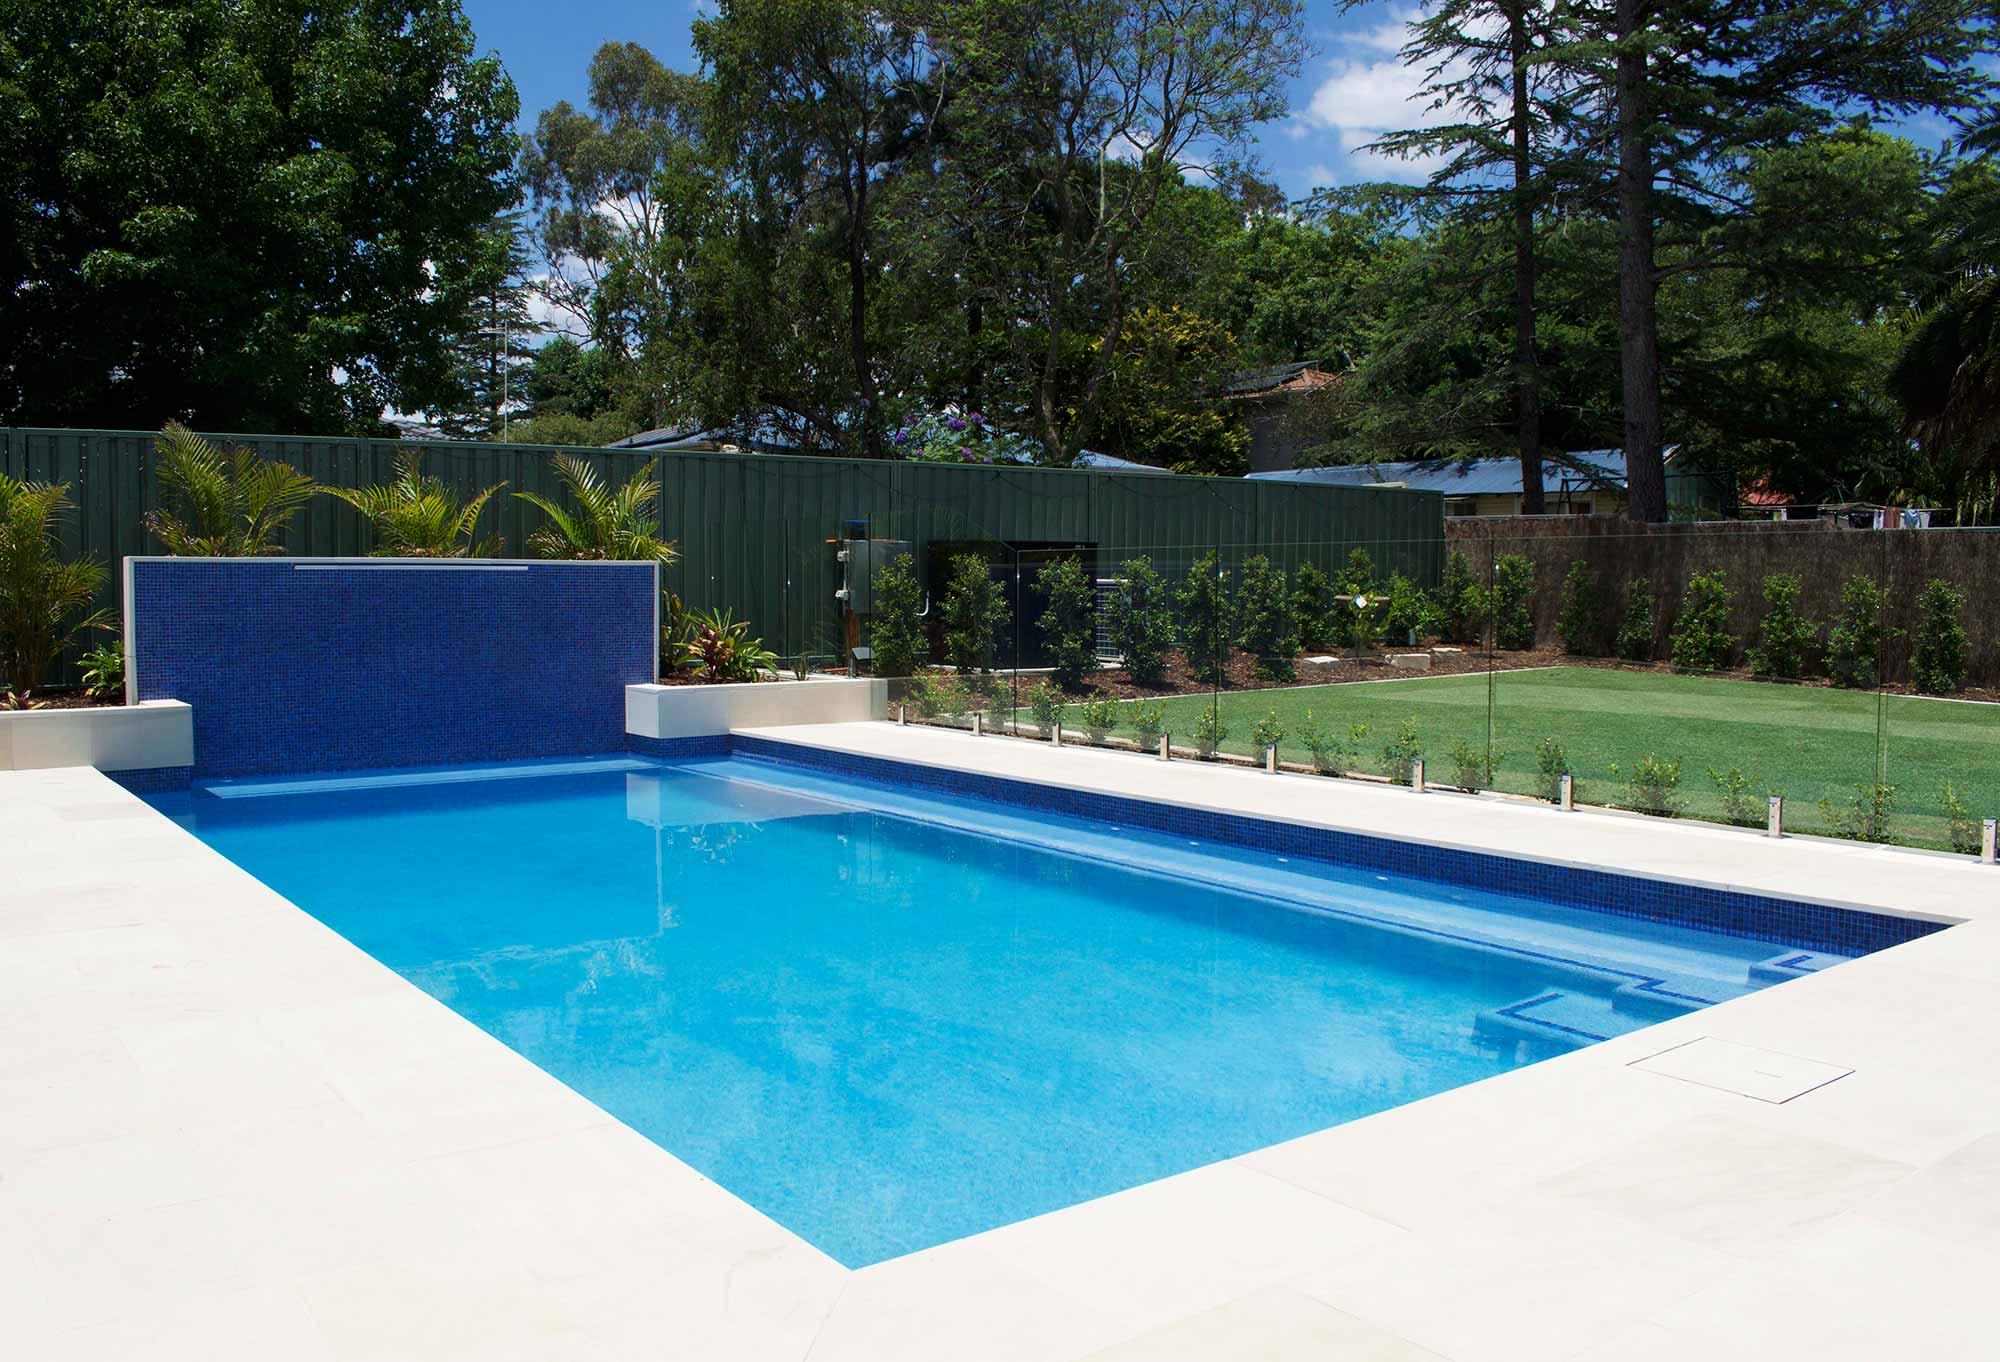 Better Pools & Spas Concrete Pool Sale